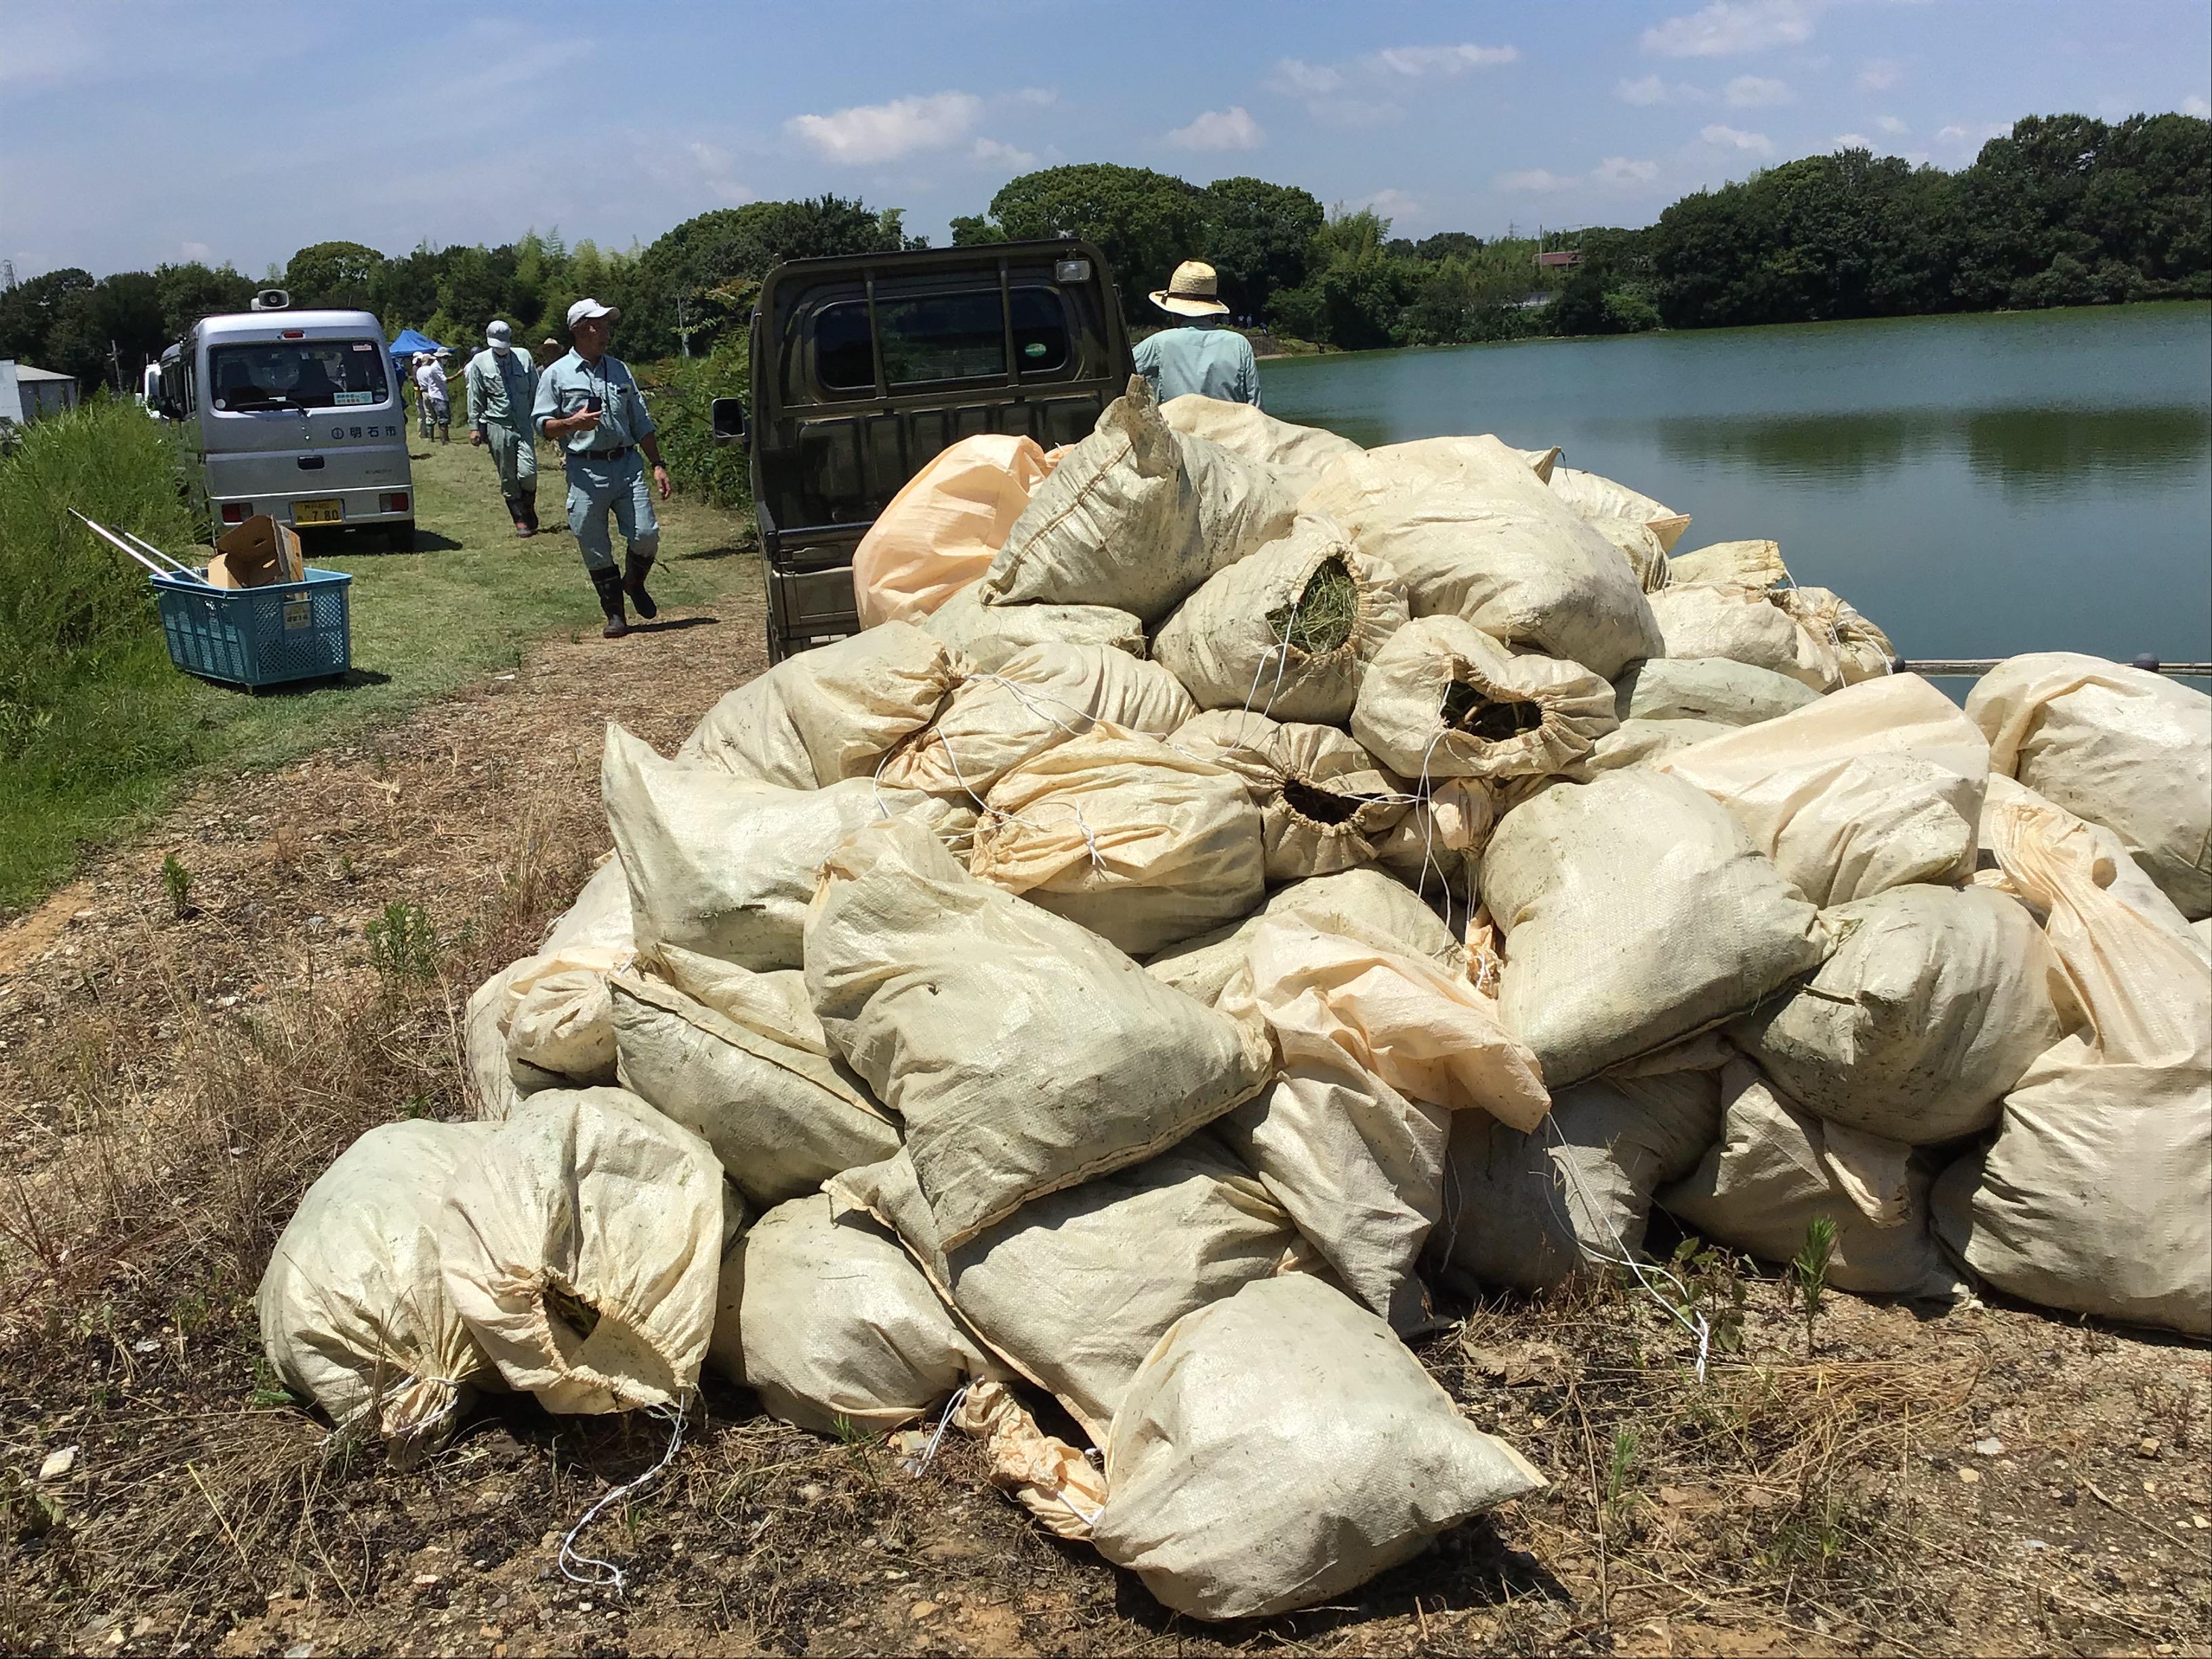 大量のナガエを入れた土のう袋。こちらを向いているのは、明石市環境部環境総務課の植田係長。